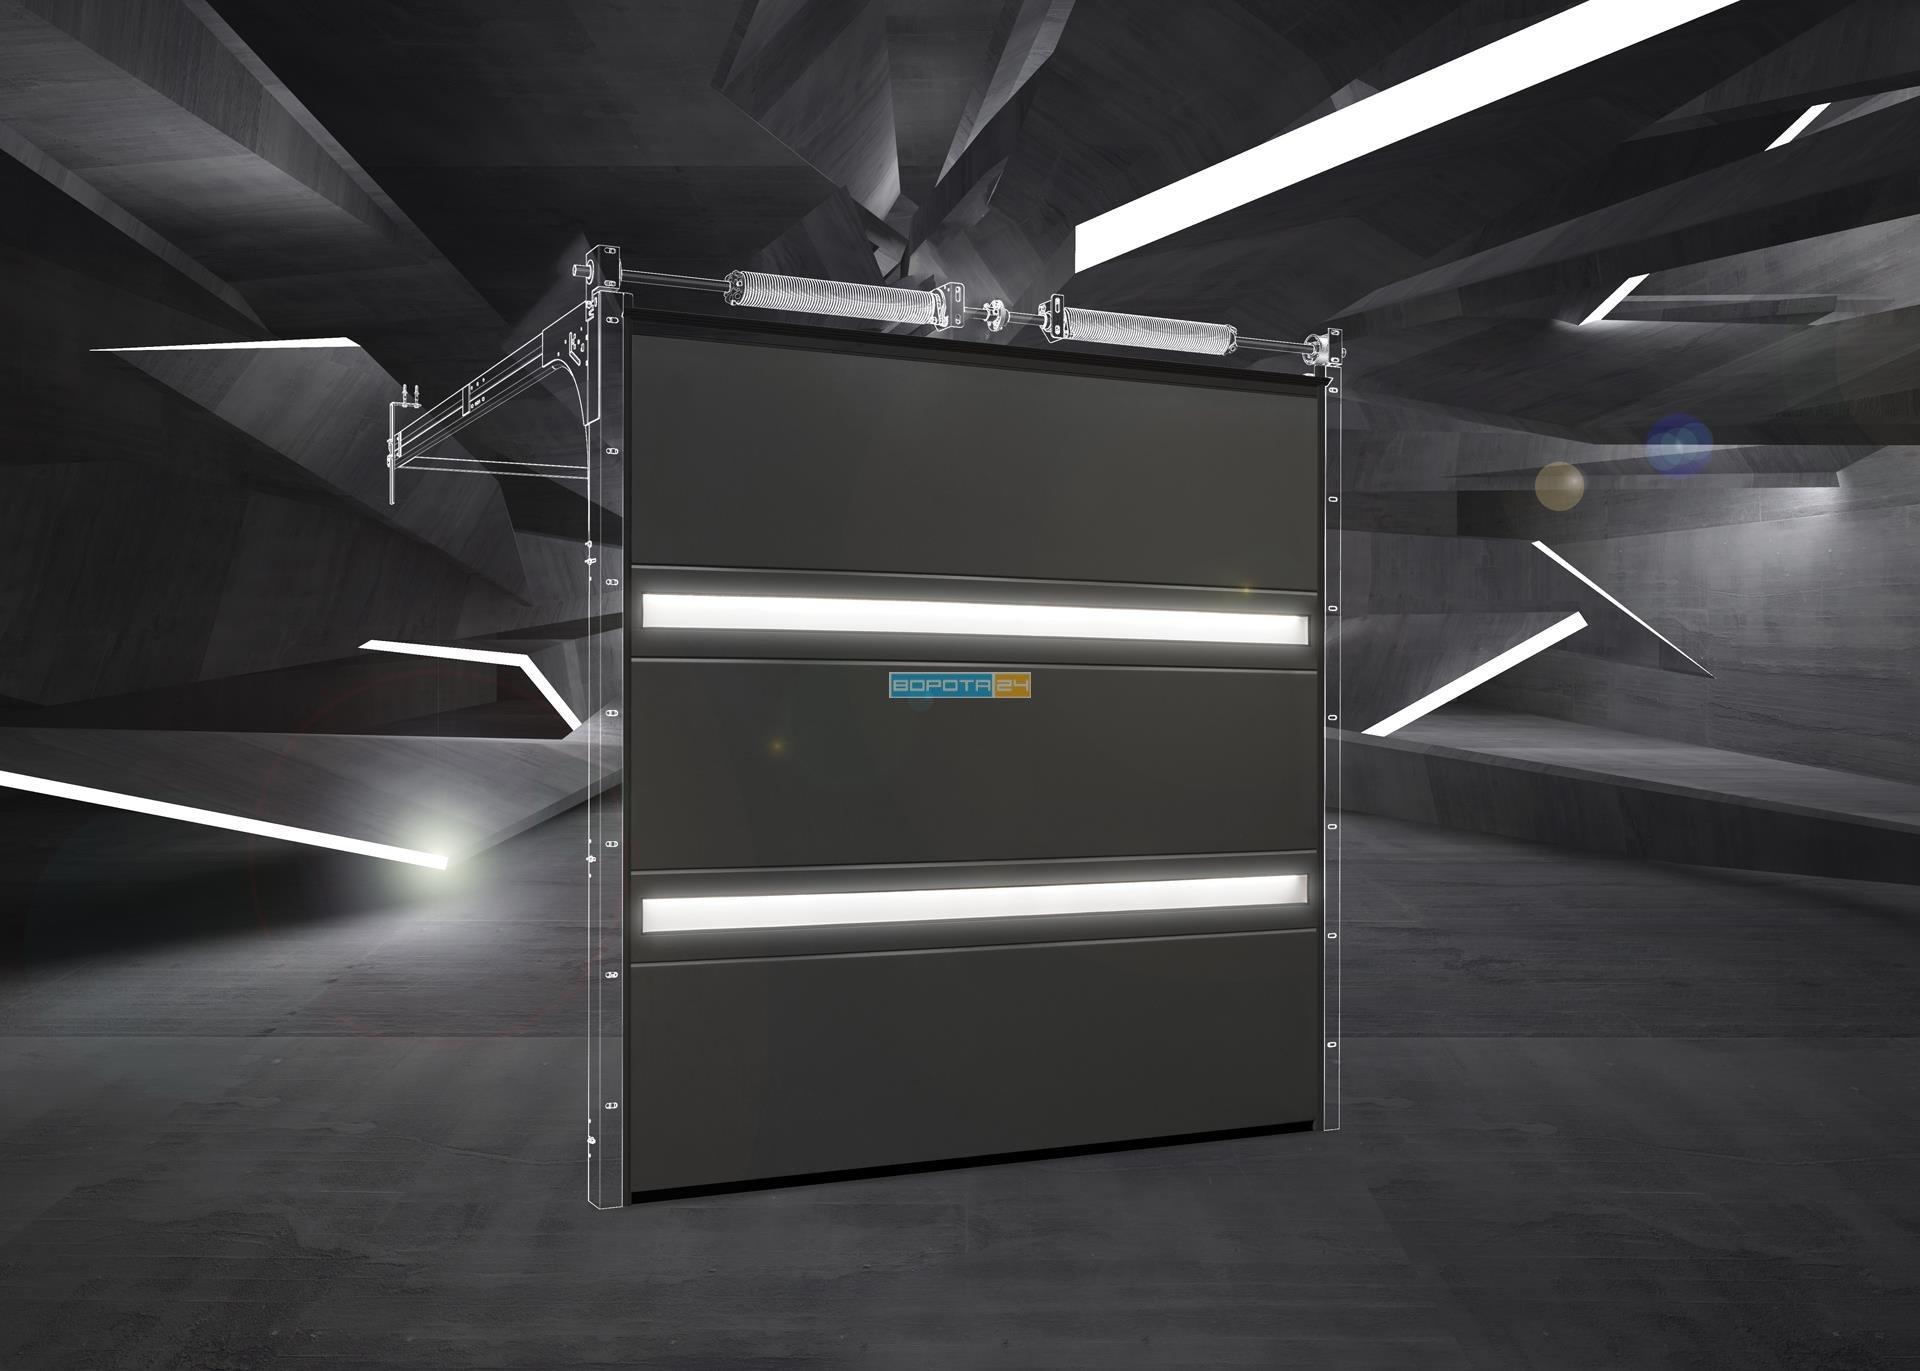 гаражные ворота с автоматикой - изготовление под заказ - киев